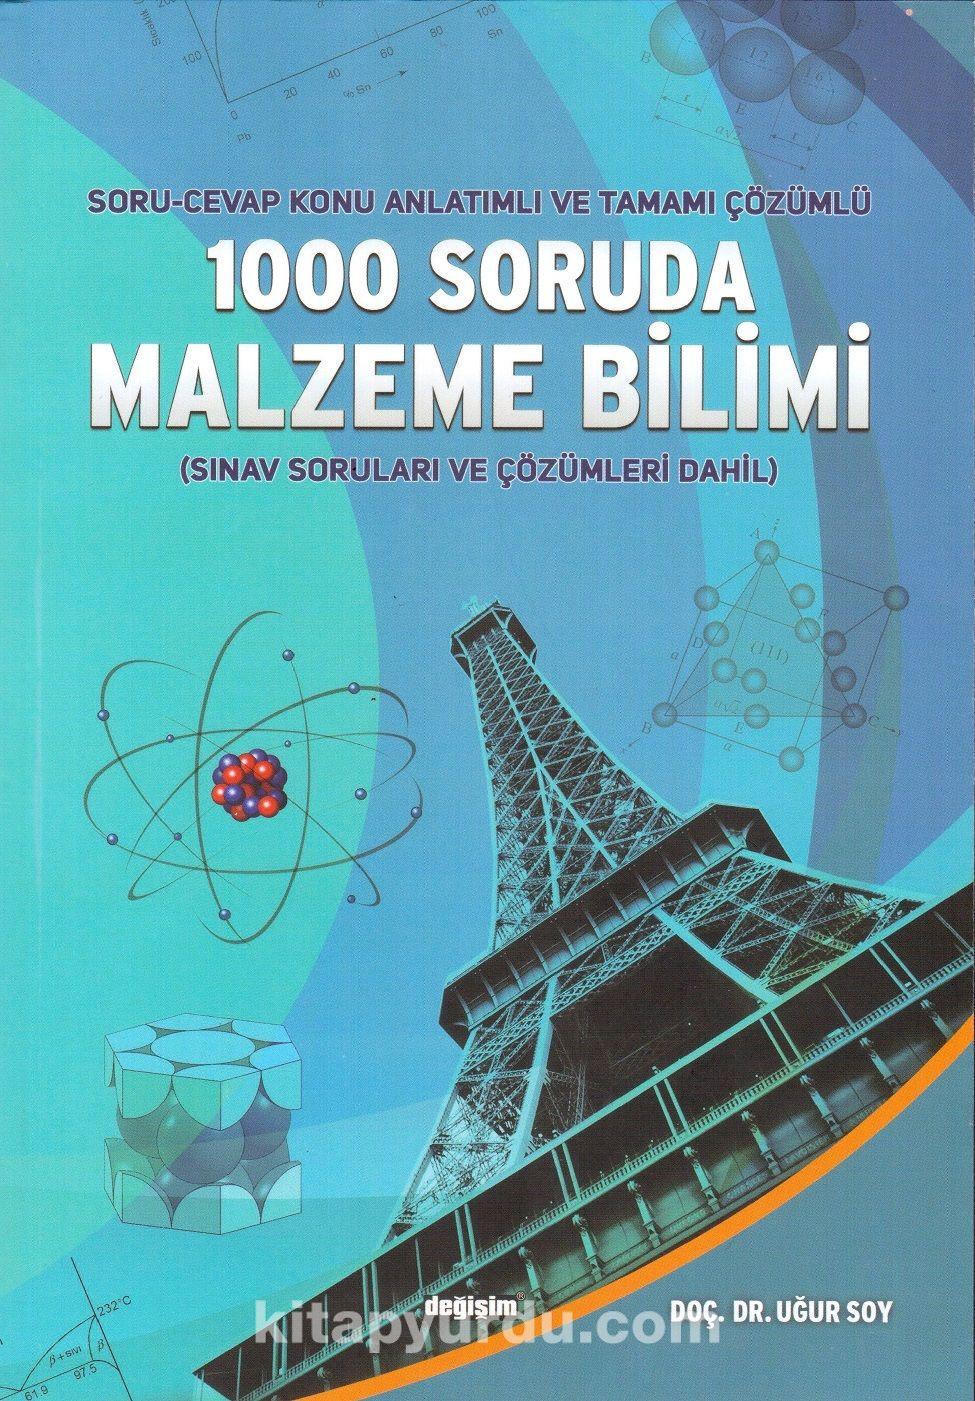 1000 Soruda Malzeme BilimiSoru-Cevap Konu Anlatımlı ve Tamamı Çözümlü